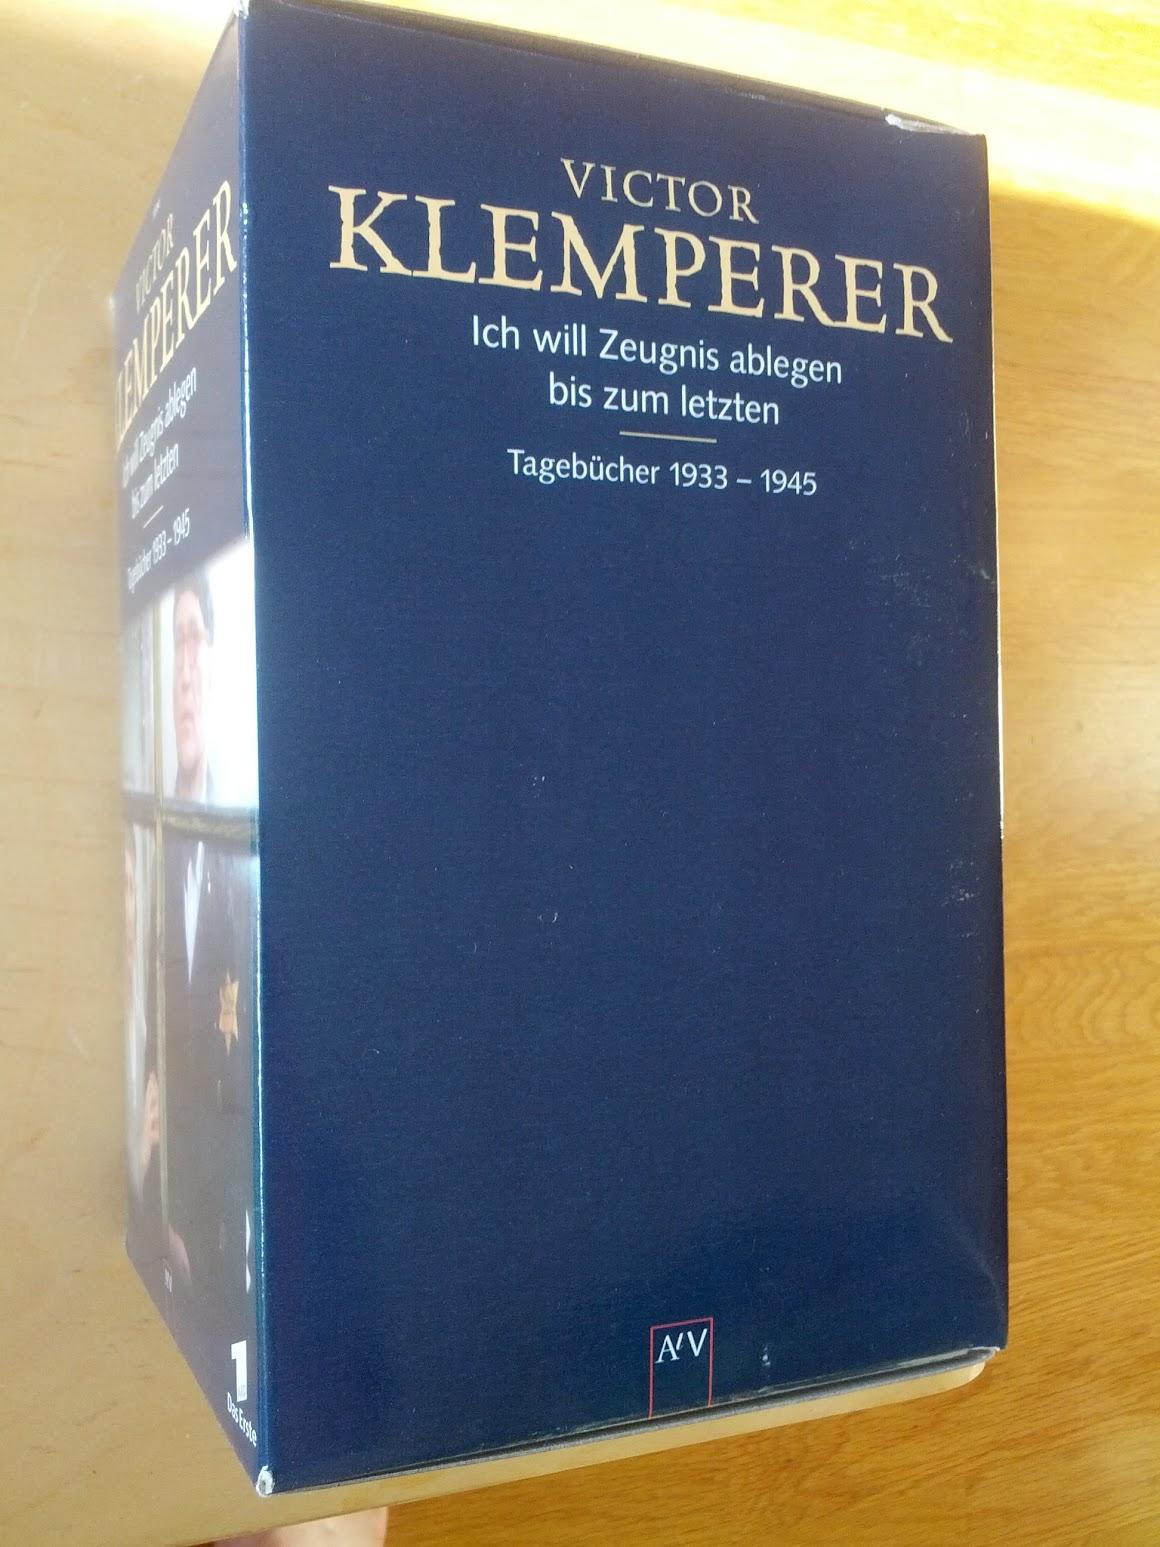 Victor Klemperer - Ich will Zeugnis ablegen bis zum letzten - Tagebücher 1933-1945